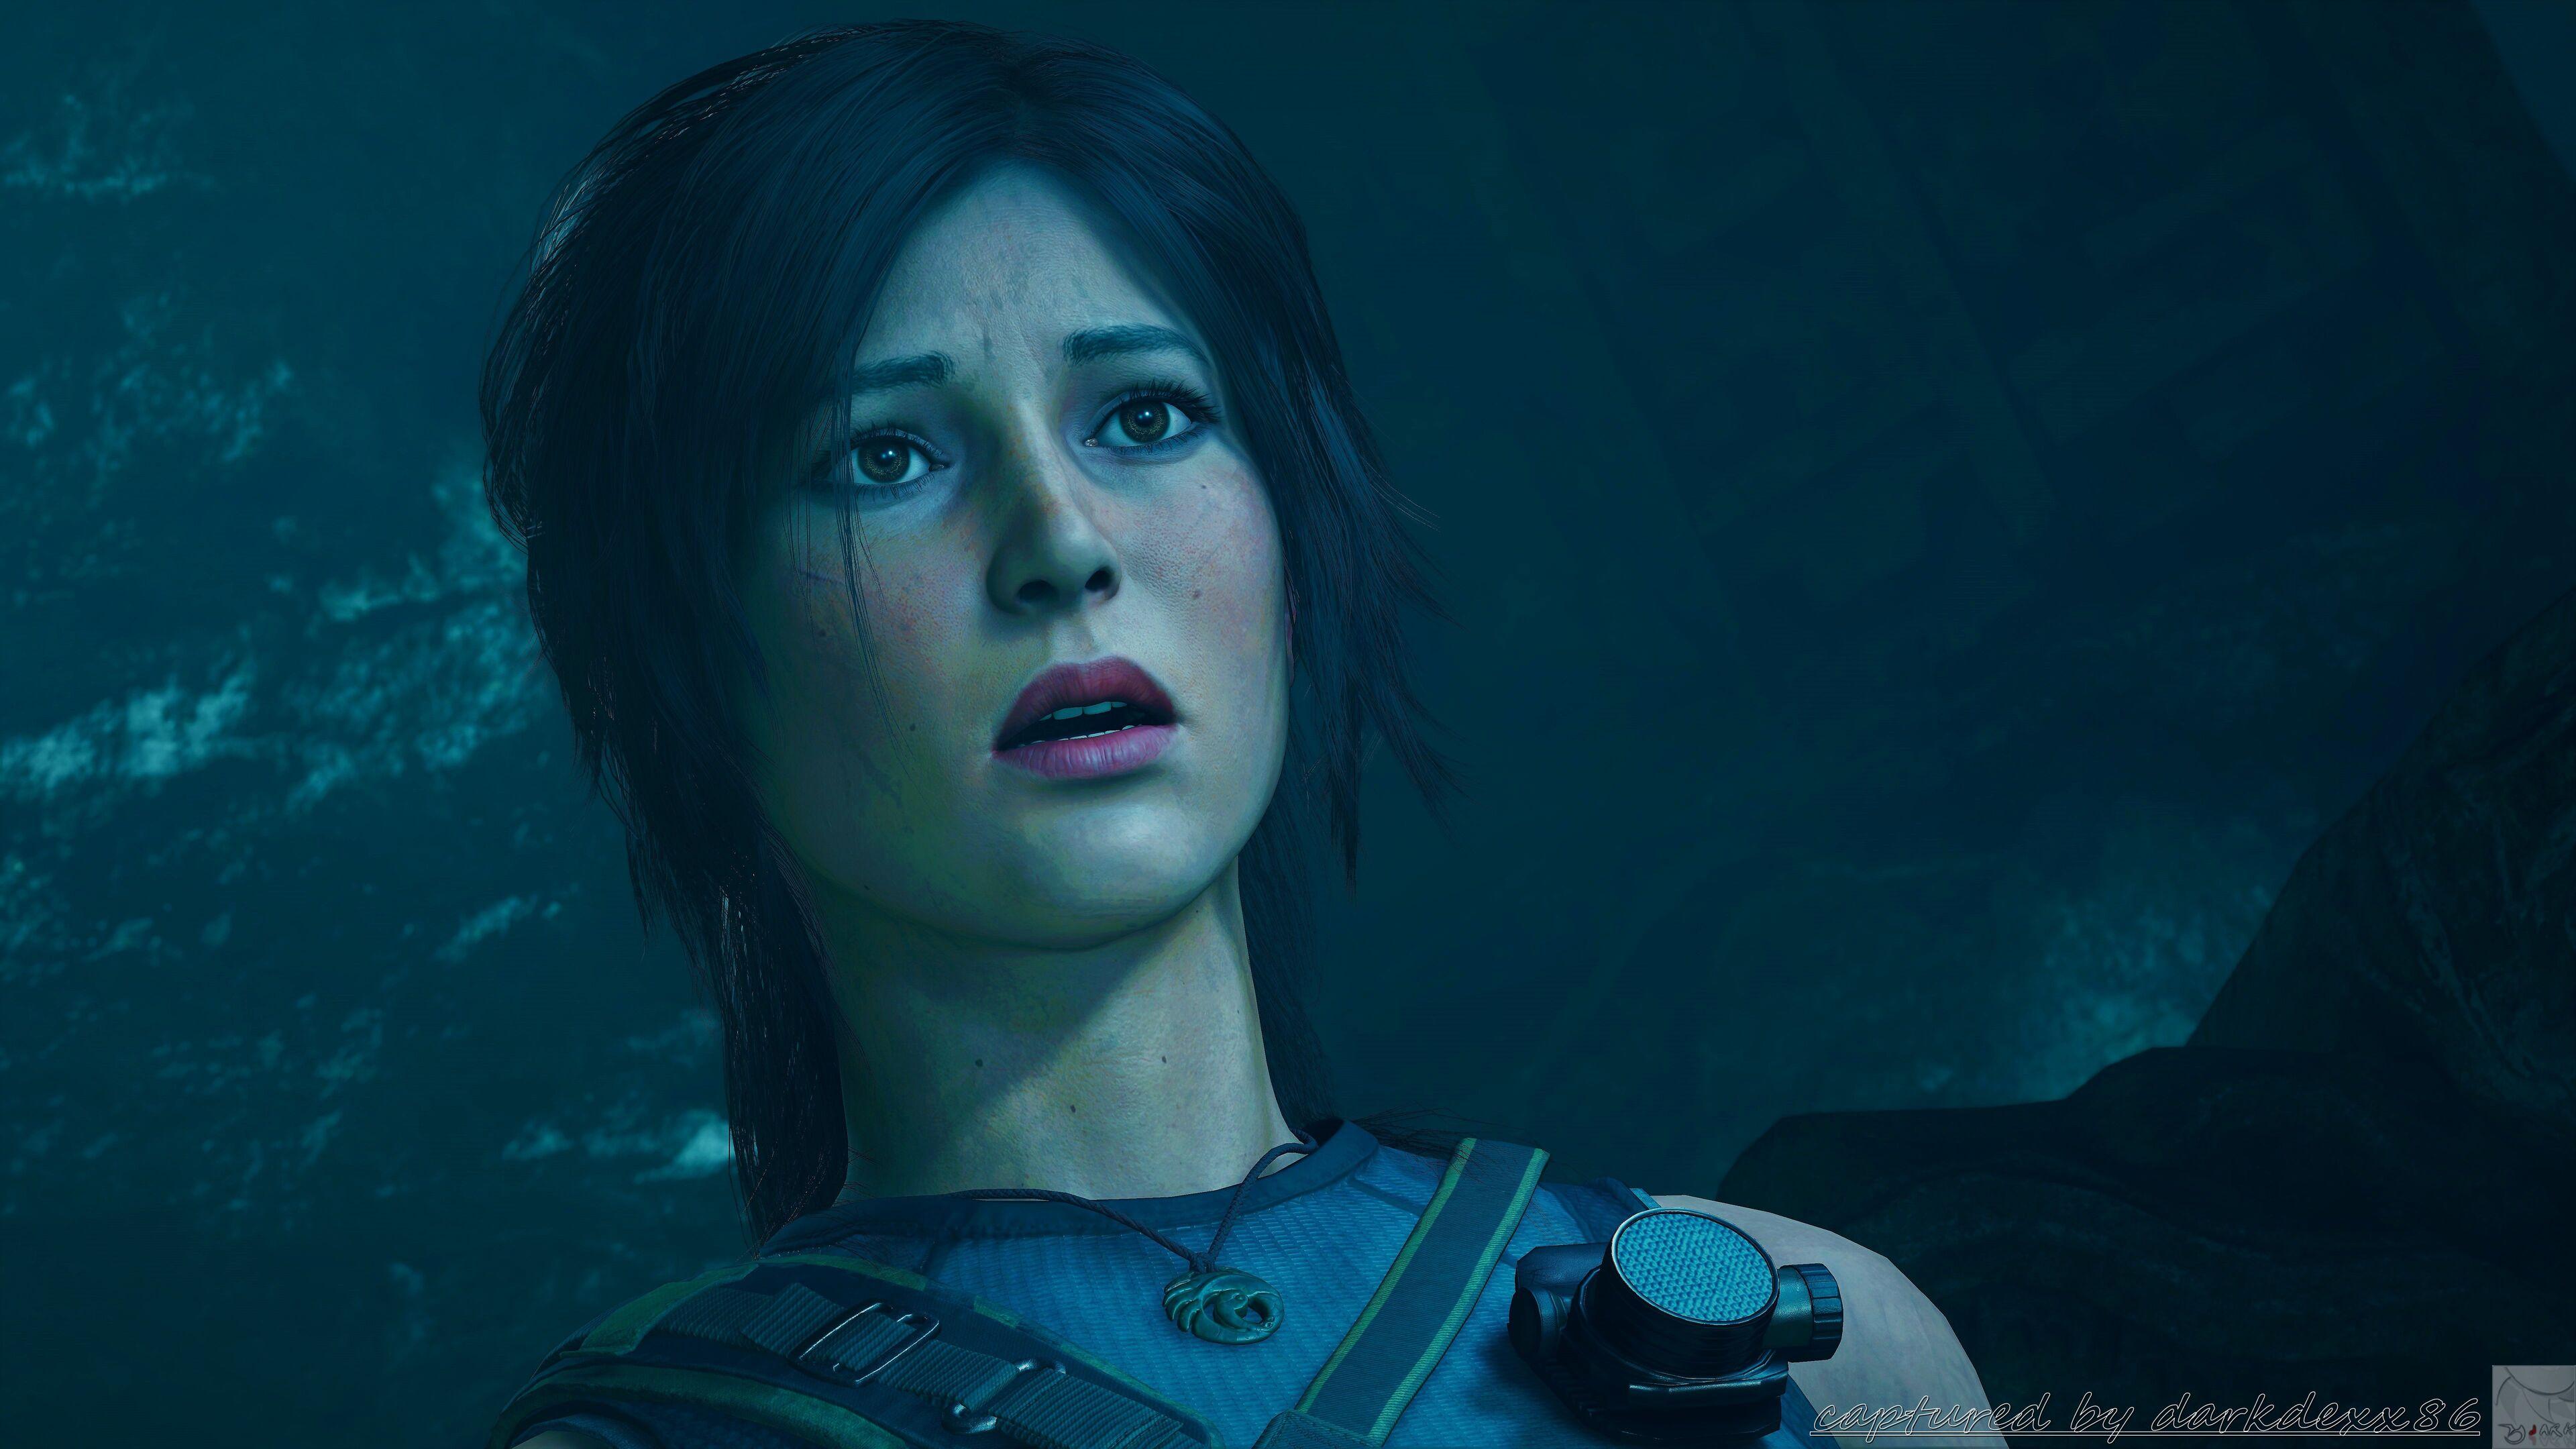 3840x2160 Lara Croft Shadow Of The Tomb Raider 8k 4k Hd 4k